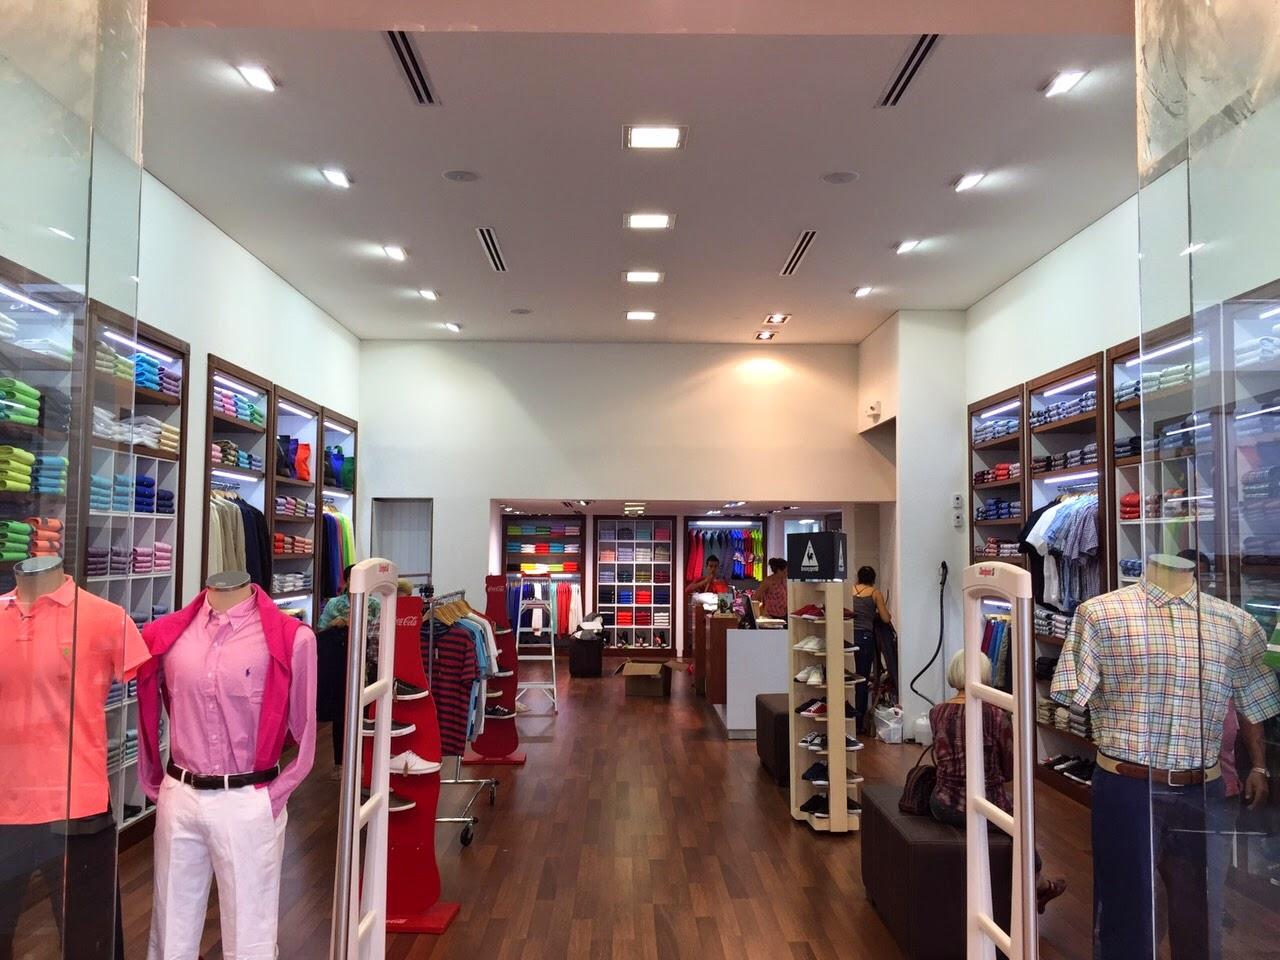 Muebles para locales comerciales american classic c c - Muebles para centros comerciales ...